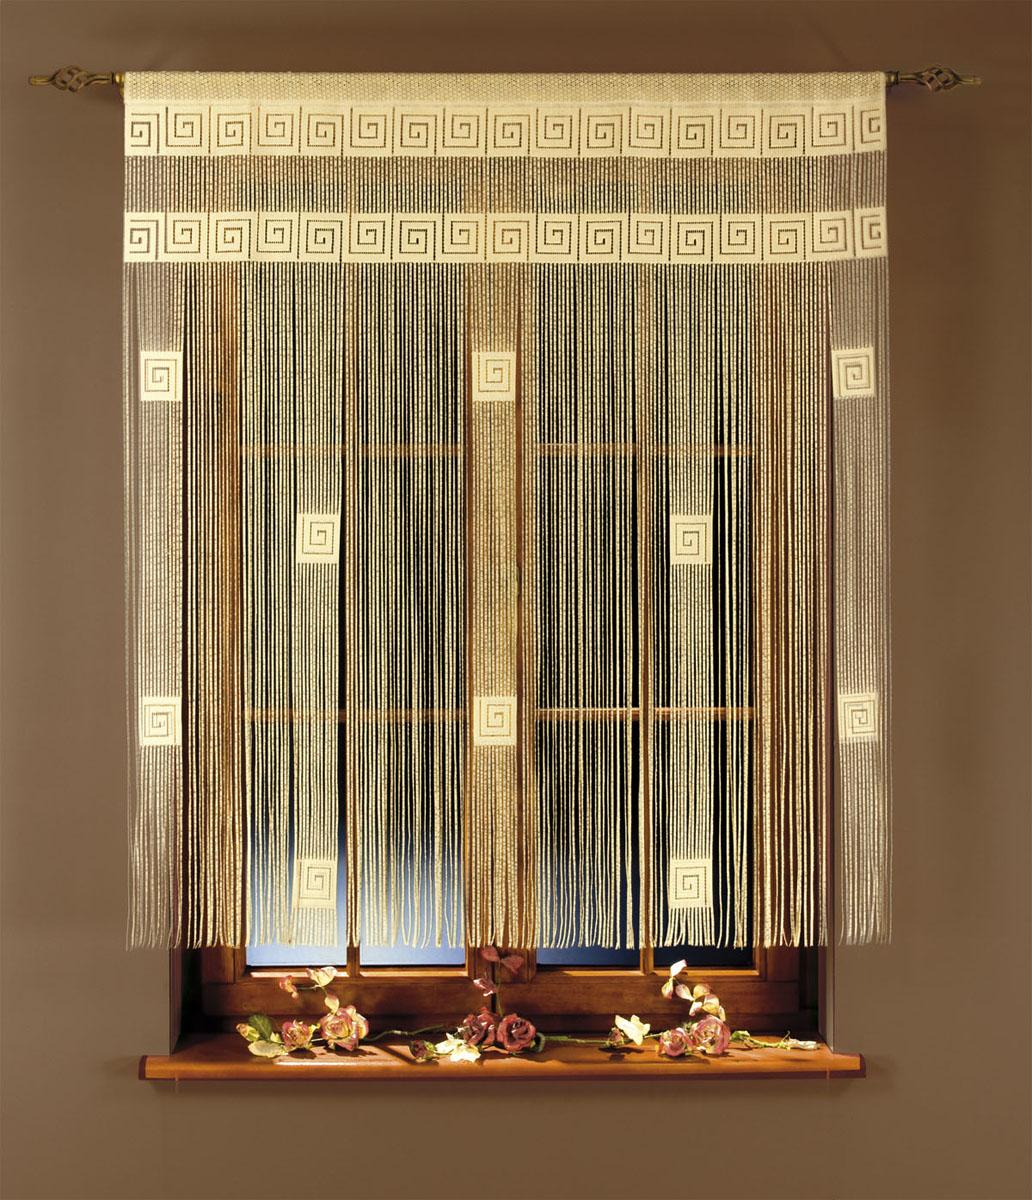 Гардина-лапша Ira, на кулиске, цвет: белый, высота 160 см663316Гардина-лапша Ira, изготовленная из полиэстера белого цвета, станет великолепным украшением окна, дверного проема и прекрасно послужит для разграничения пространства. Необычный дизайн и яркое оформление привлекут внимание и органично впишутся в интерьер. Гардина-лапша оснащена кулиской для крепления на круглый карниз. Характеристики: Материал: 100% полиэстер. Цвет: белый. Высота кулиски: 6 см. Размер упаковки: 27 см х 38 см х 6 см. Артикул: 663316. В комплект входит: Гардина-лапша - 1 шт. Размер (ШхВ): 270 см х 160 см. Фирма Wisan на польском рынке существует уже более пятидесяти лет и является одной из лучших польских фабрик по производству штор и тканей. Ассортимент фирмы представлен готовыми комплектами штор для гостиной, детской, кухни, а также текстилем для кухни (скатерти, салфетки, дорожки, кухонные занавески). Модельный ряд отличает оригинальный дизайн, высокое качество. Ассортимент продукции постоянно пополняется. ...